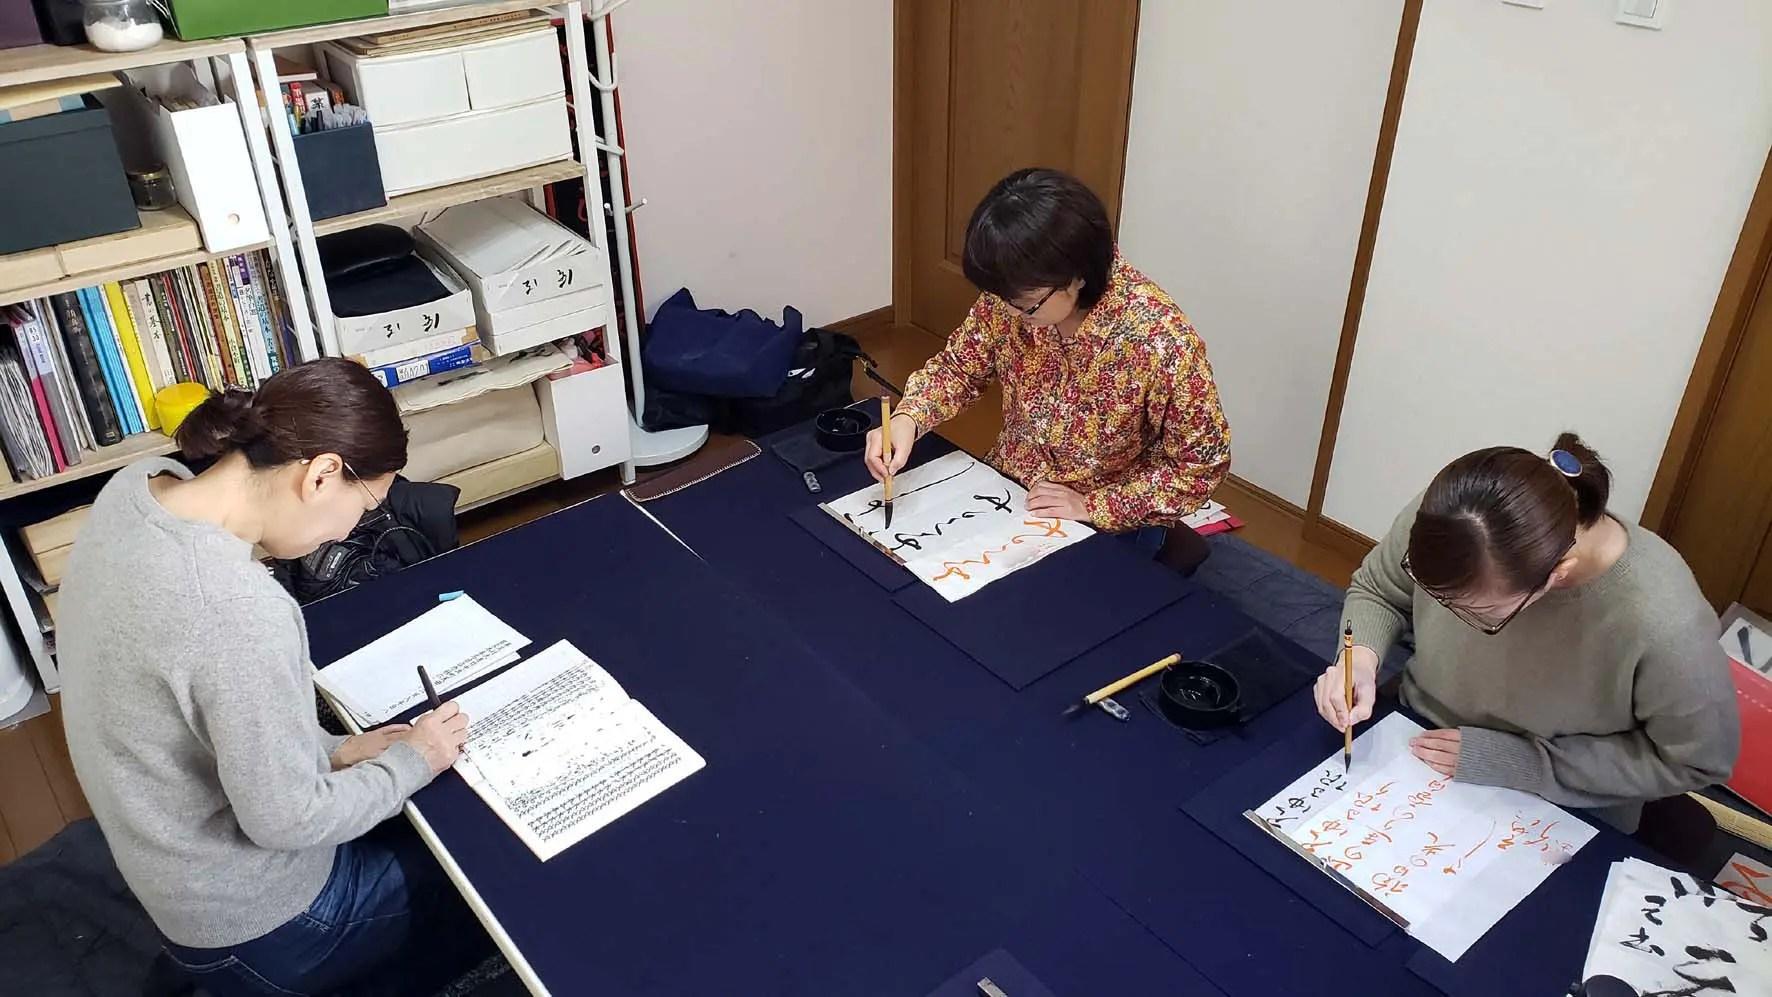 2020年1月下旬の定期レッスン/鎌倉市長谷の書道教室